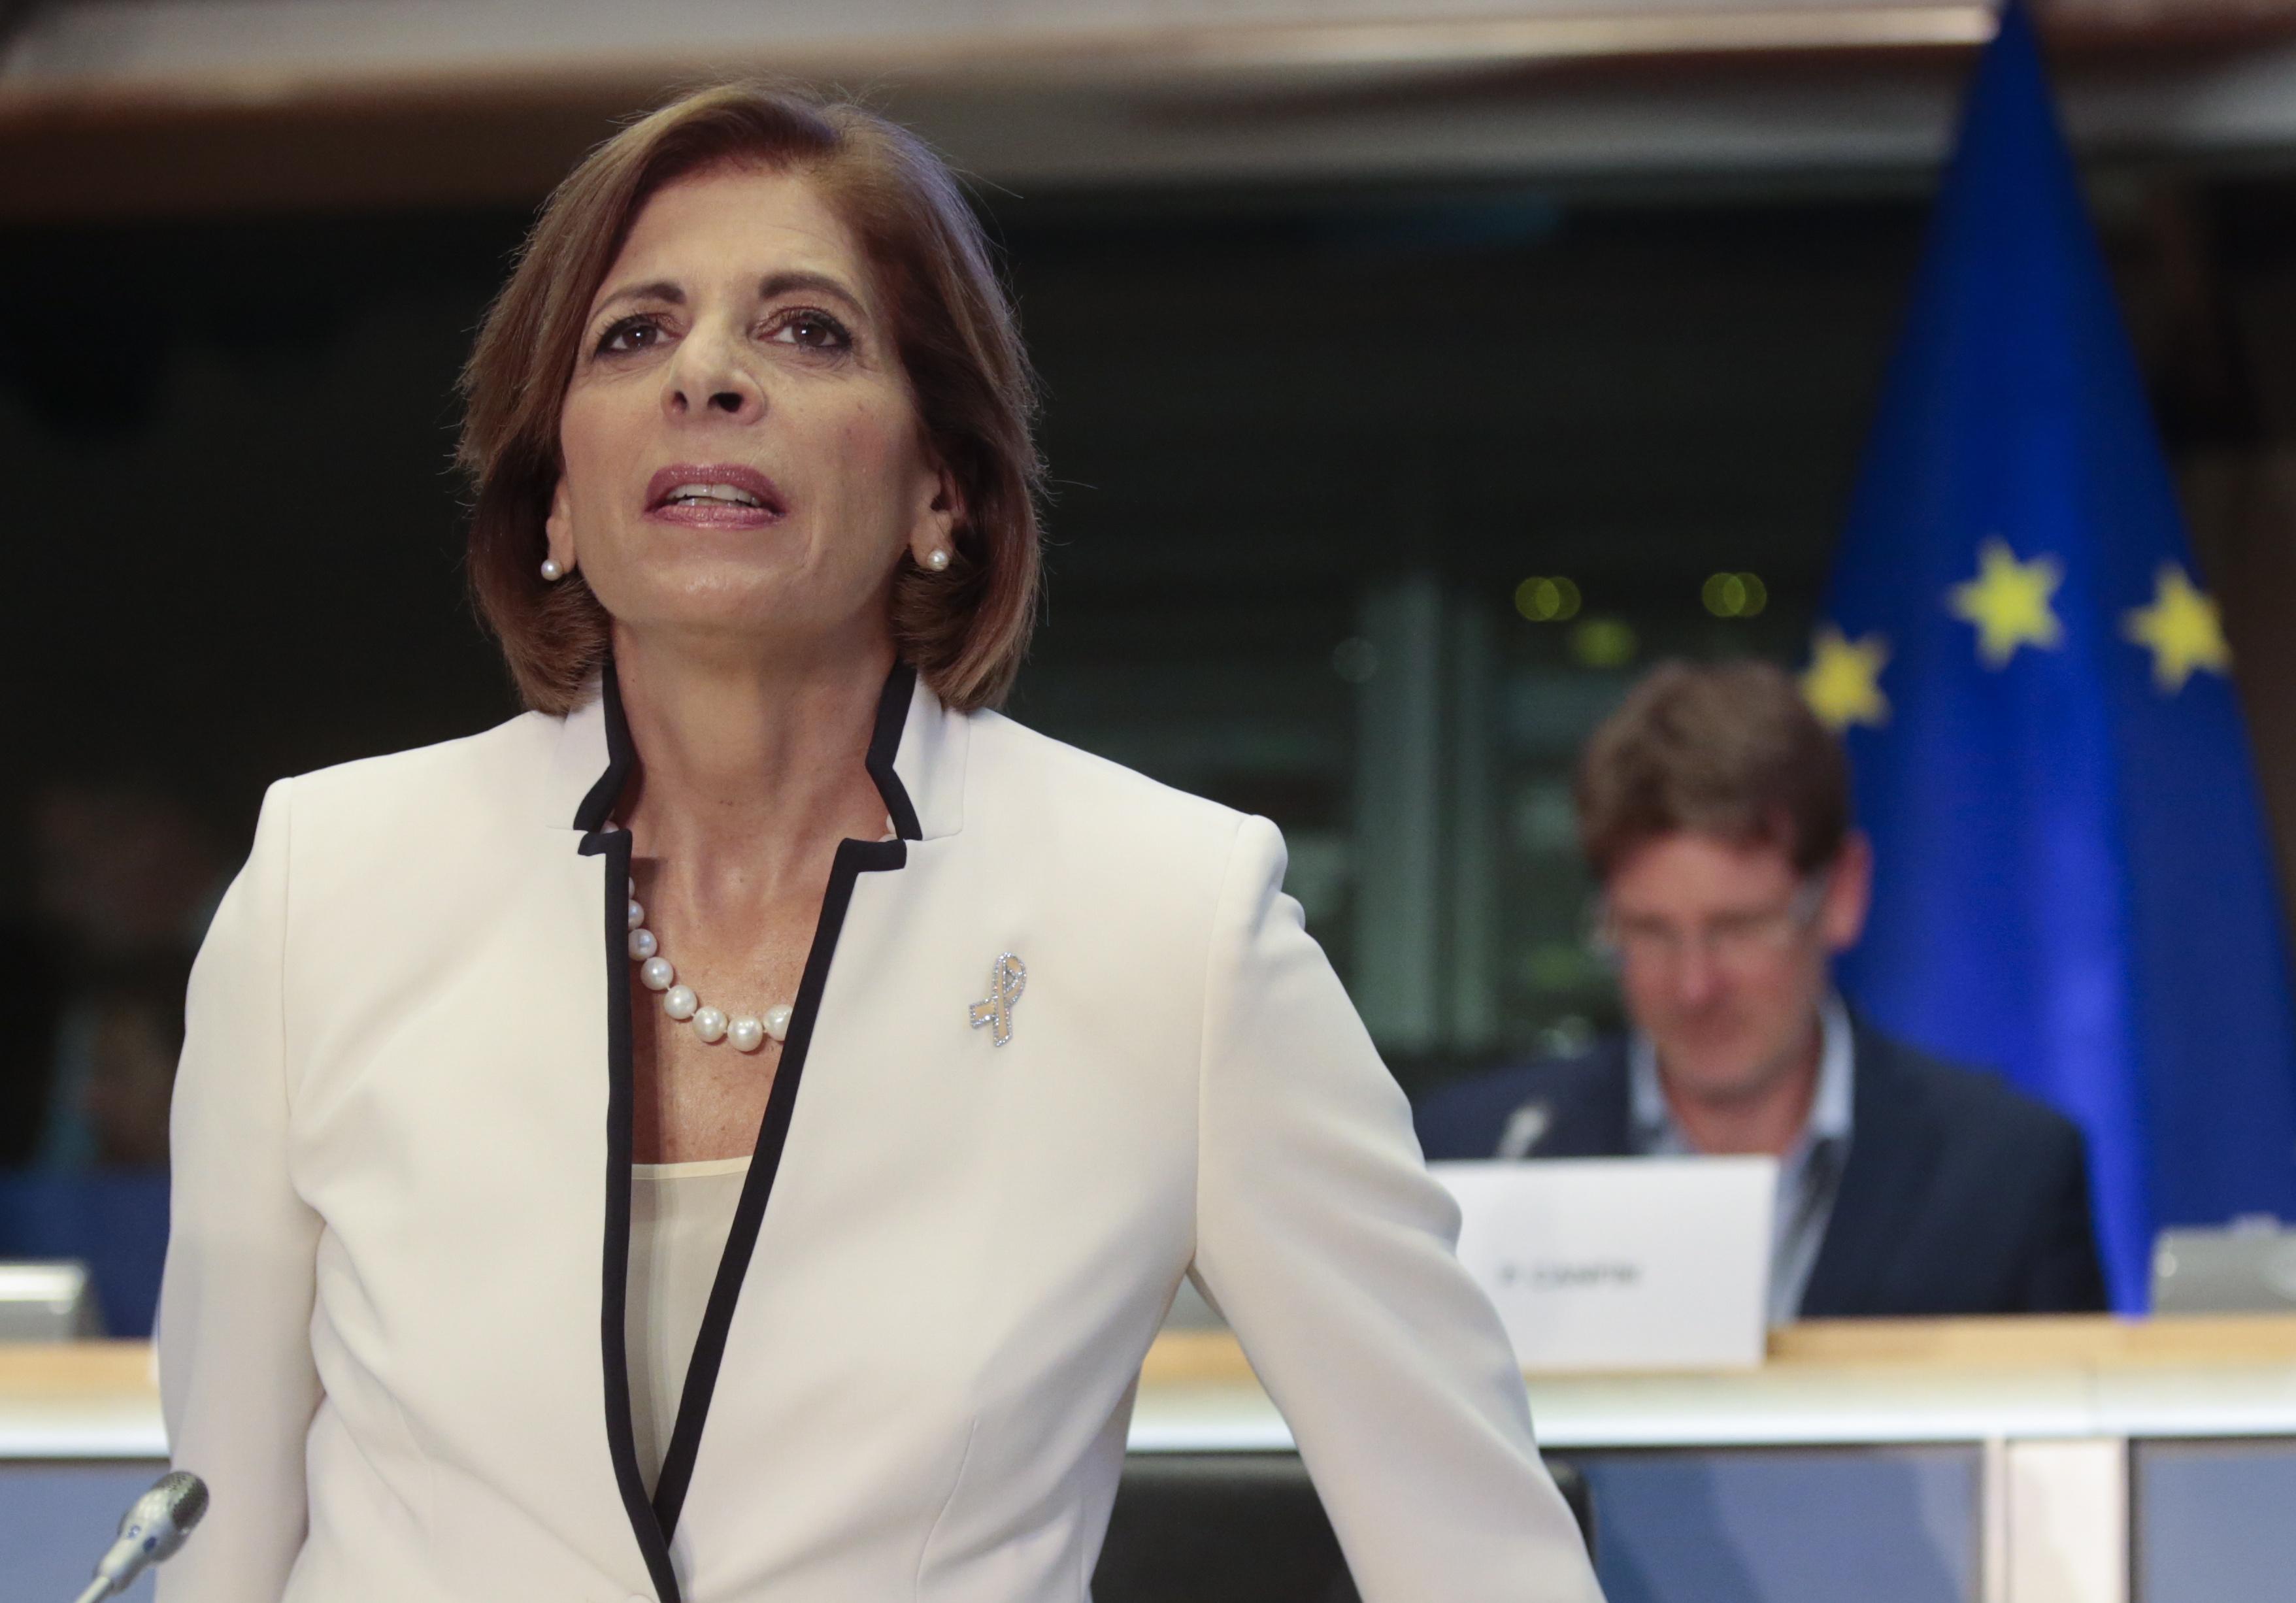 Έπεισε το Ευρωπαϊκό Κοινοβούλιο η υποψήφια Επίτροπος Στέλλα Κυριακίδου